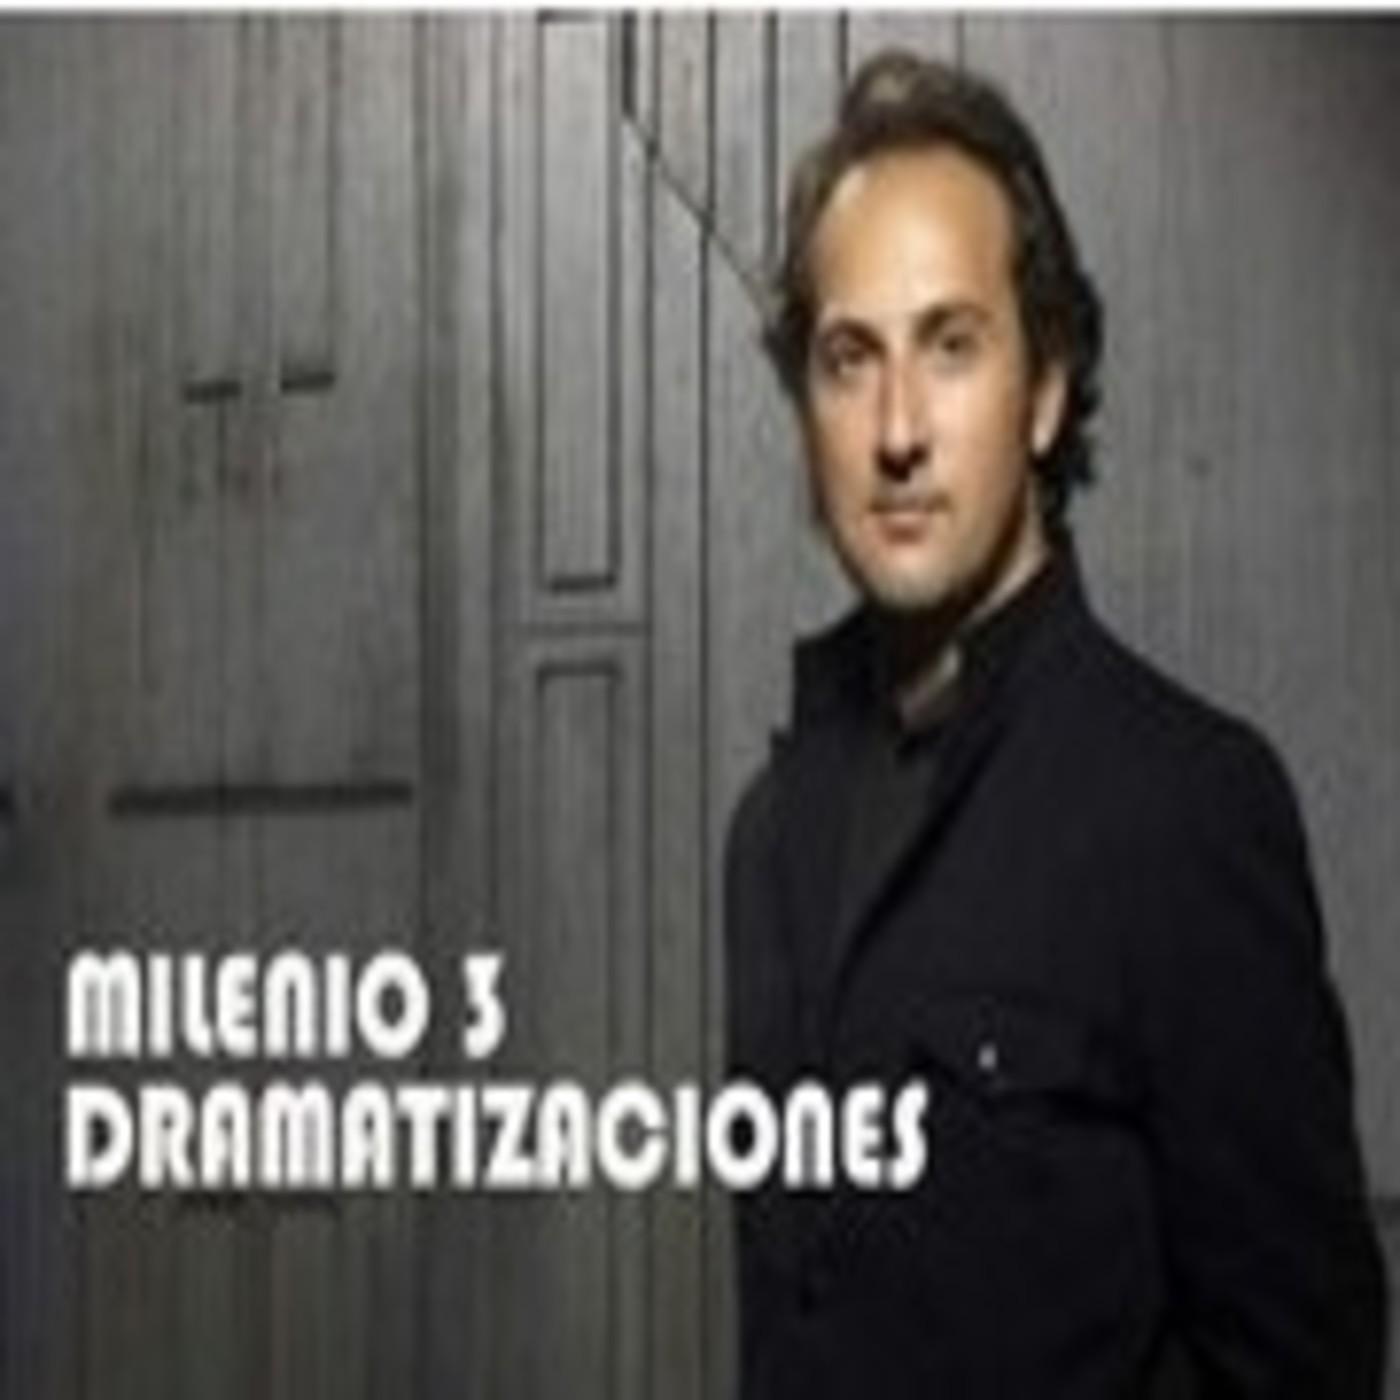 103 Dramatización Milenio 3 Mientras Duermes en MILENIO 3 ...